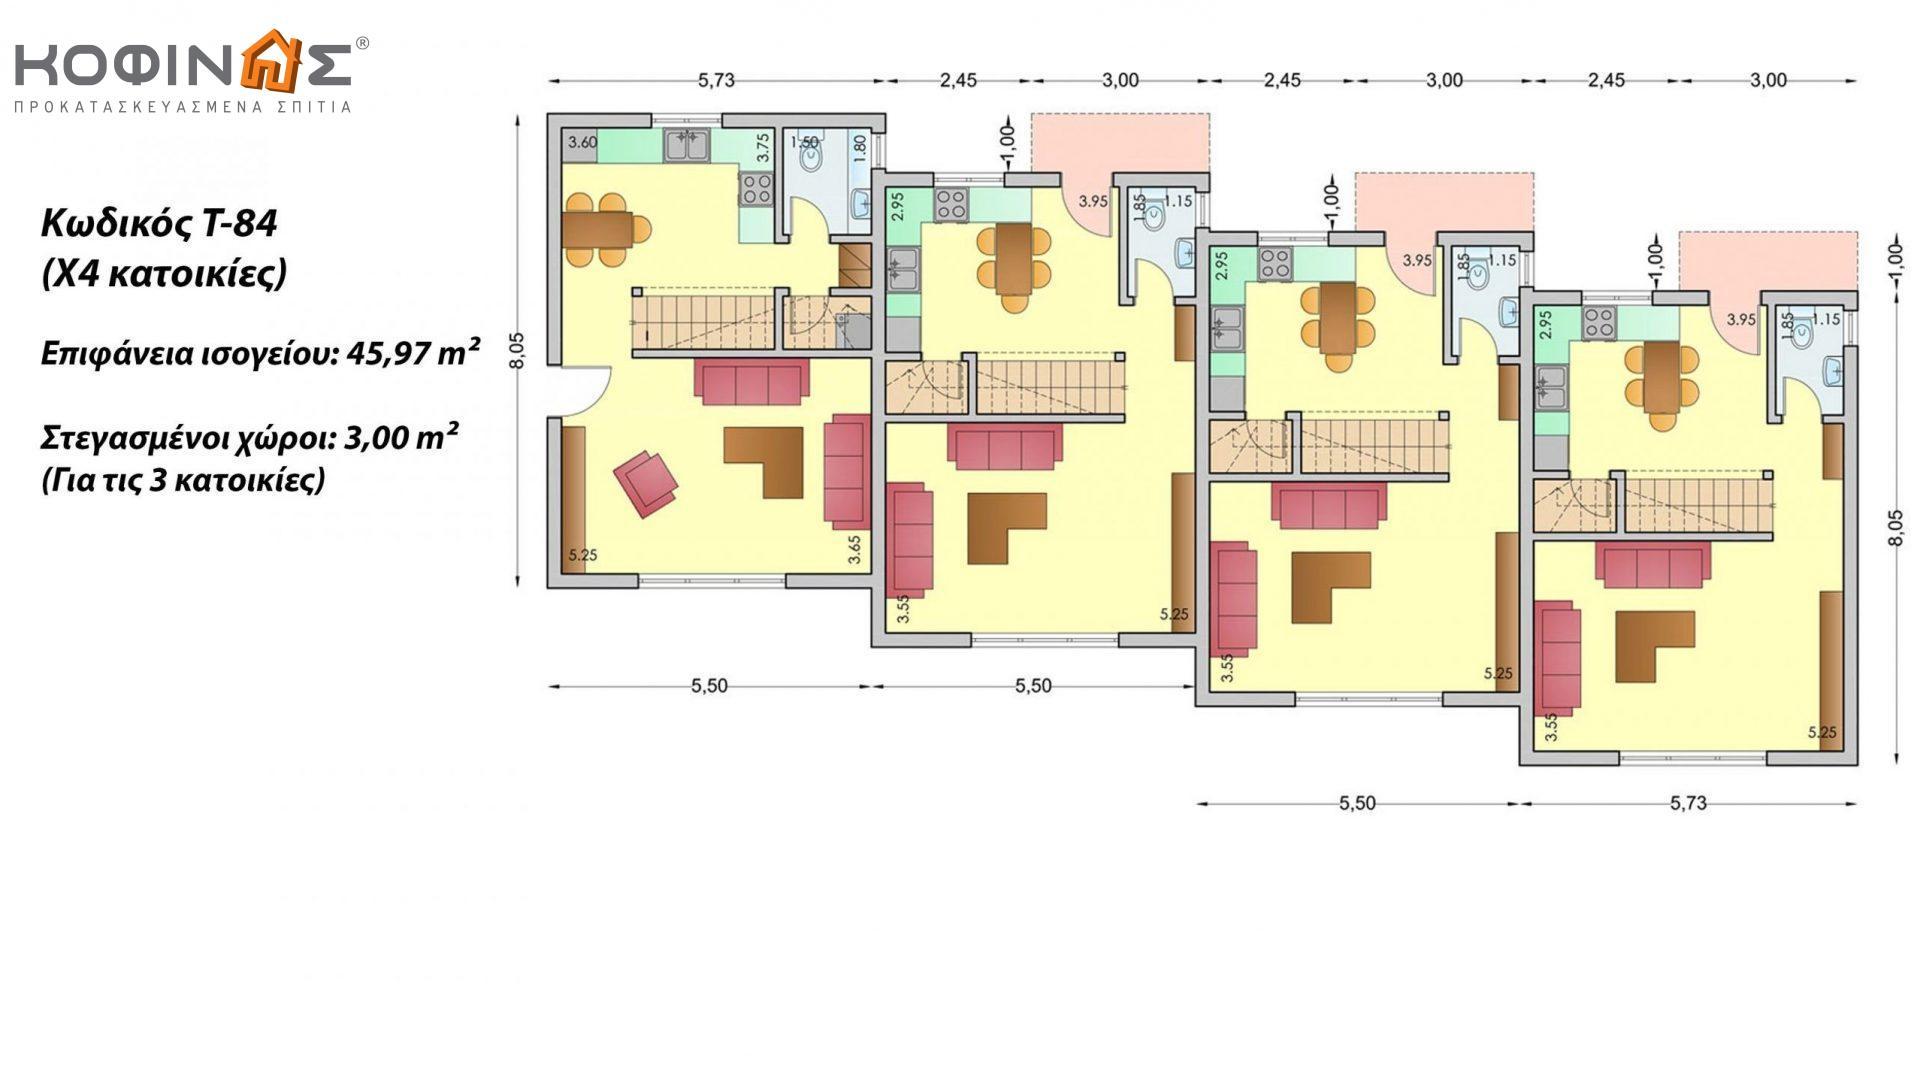 Τριώροφη Κατοικία T-84, συνολικής επιφάνειας 84,17 τ.μ. ,συνολική επιφάνεια στεγασμένων χώρων 43,36 τ.μ., μπαλκόνια 34,36τ.μ.